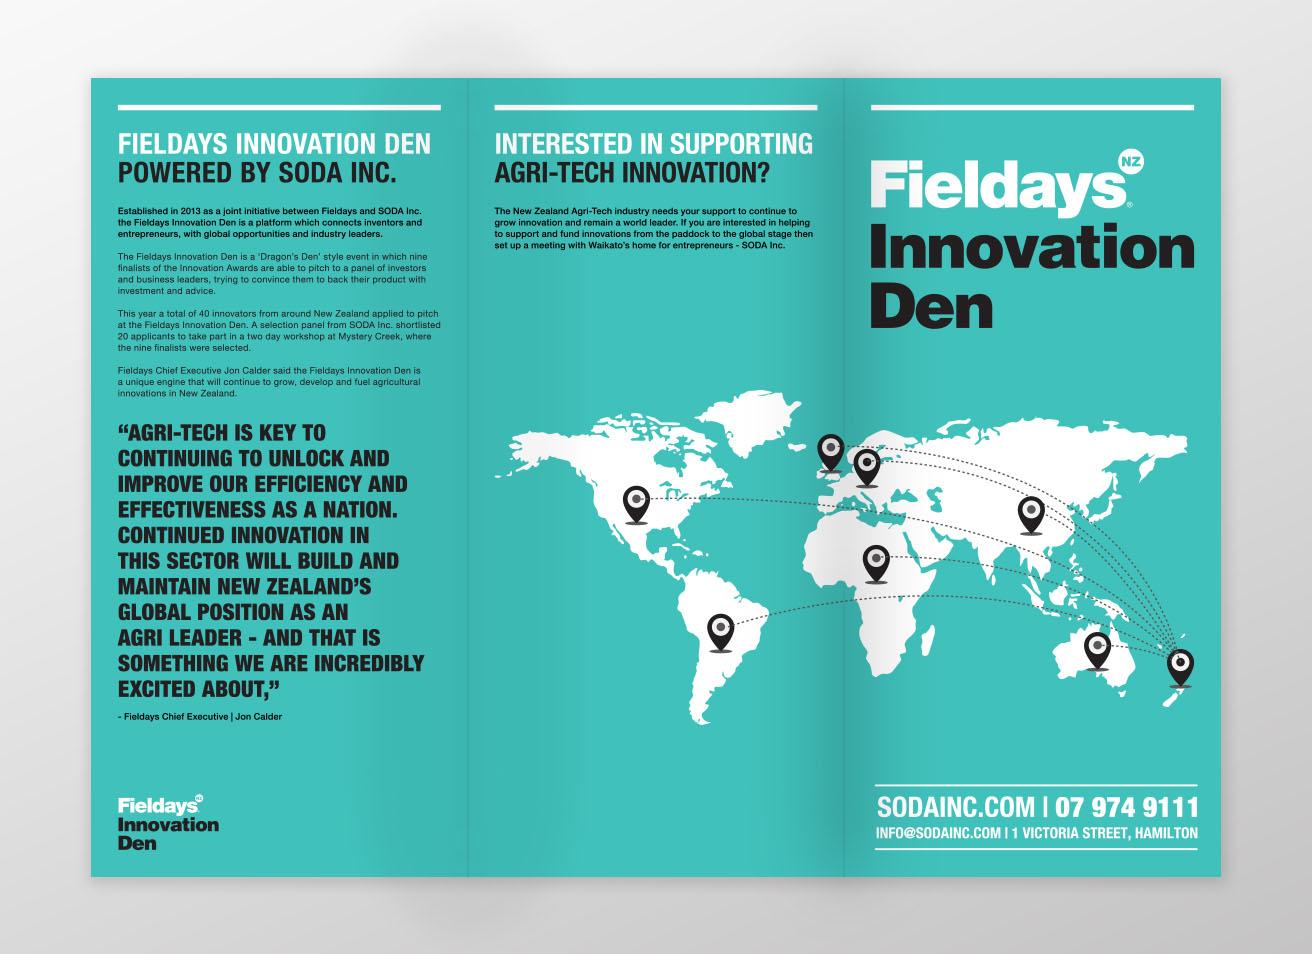 inkdrop_fieldays_innovation_den_brochure2.jpg